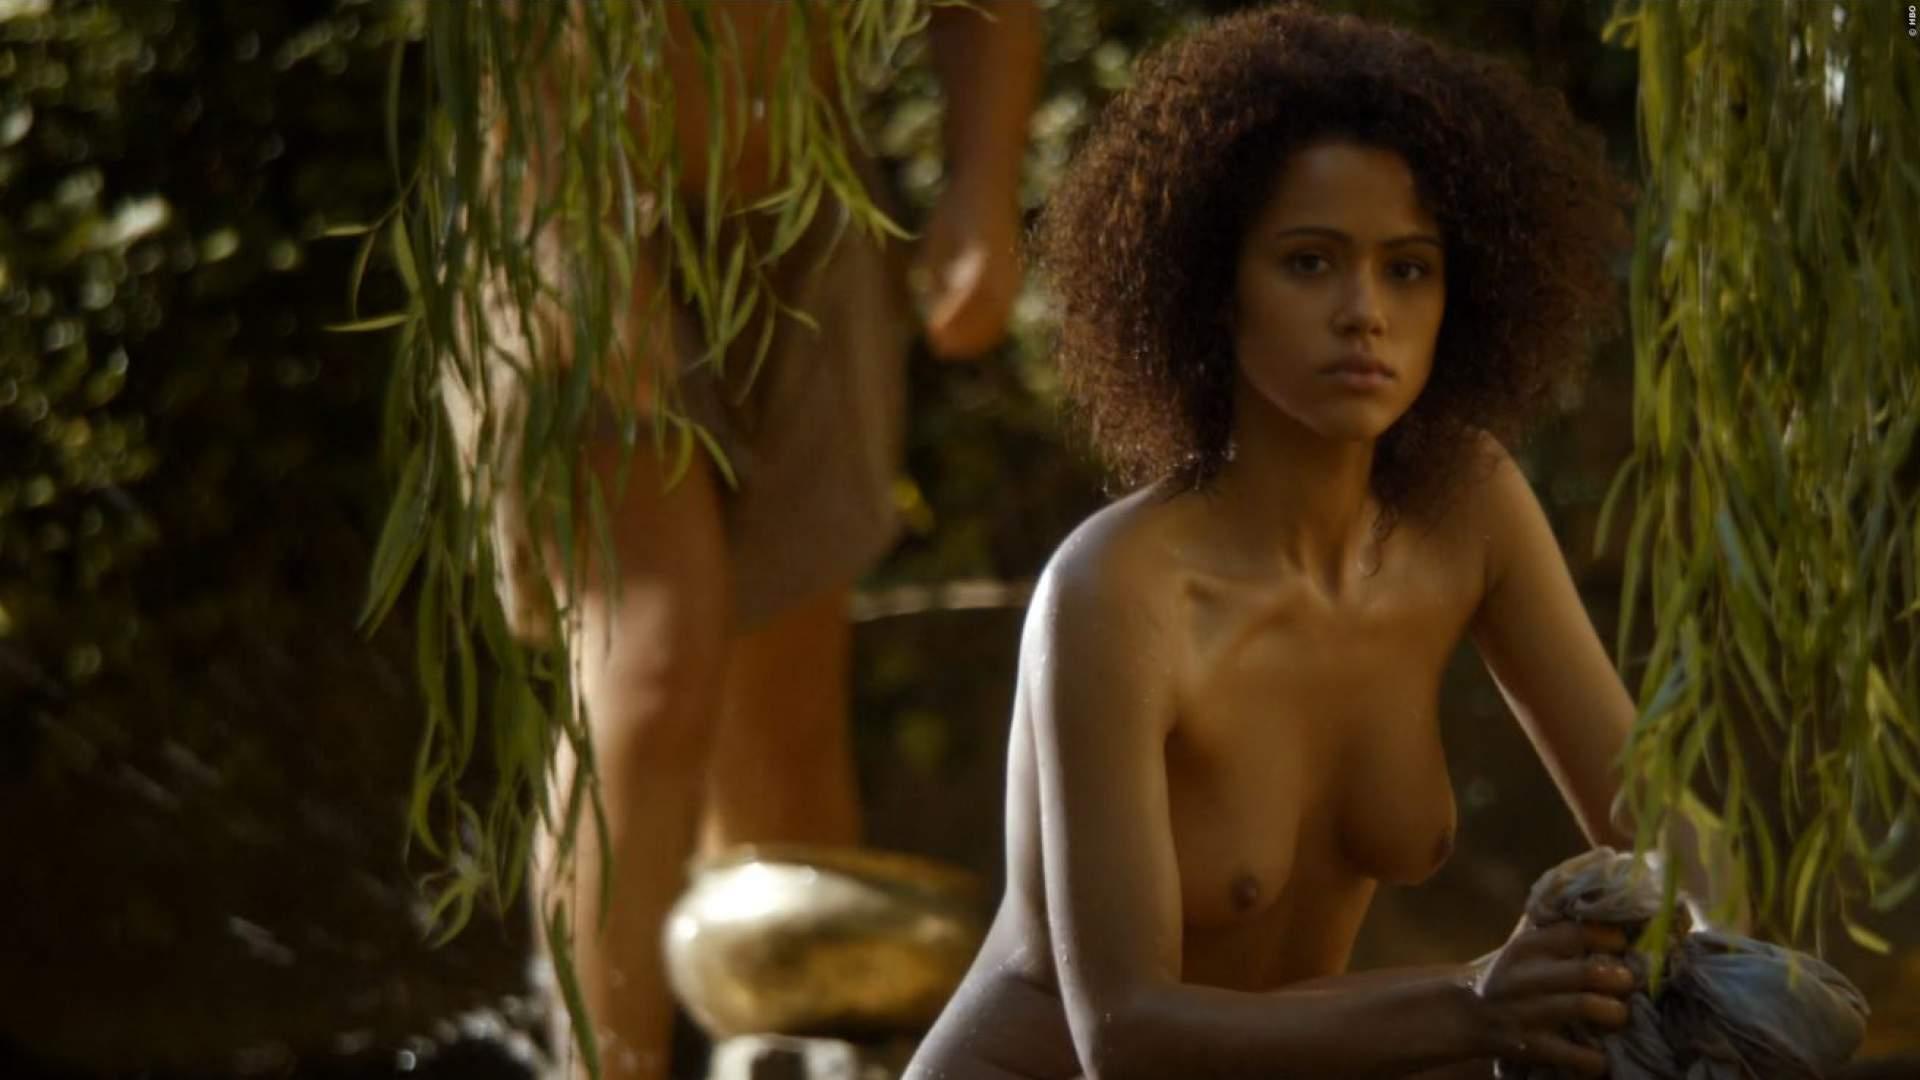 Top 30 Nacktszenen weiblicher Hollywoodstars - Bild 17 von 31